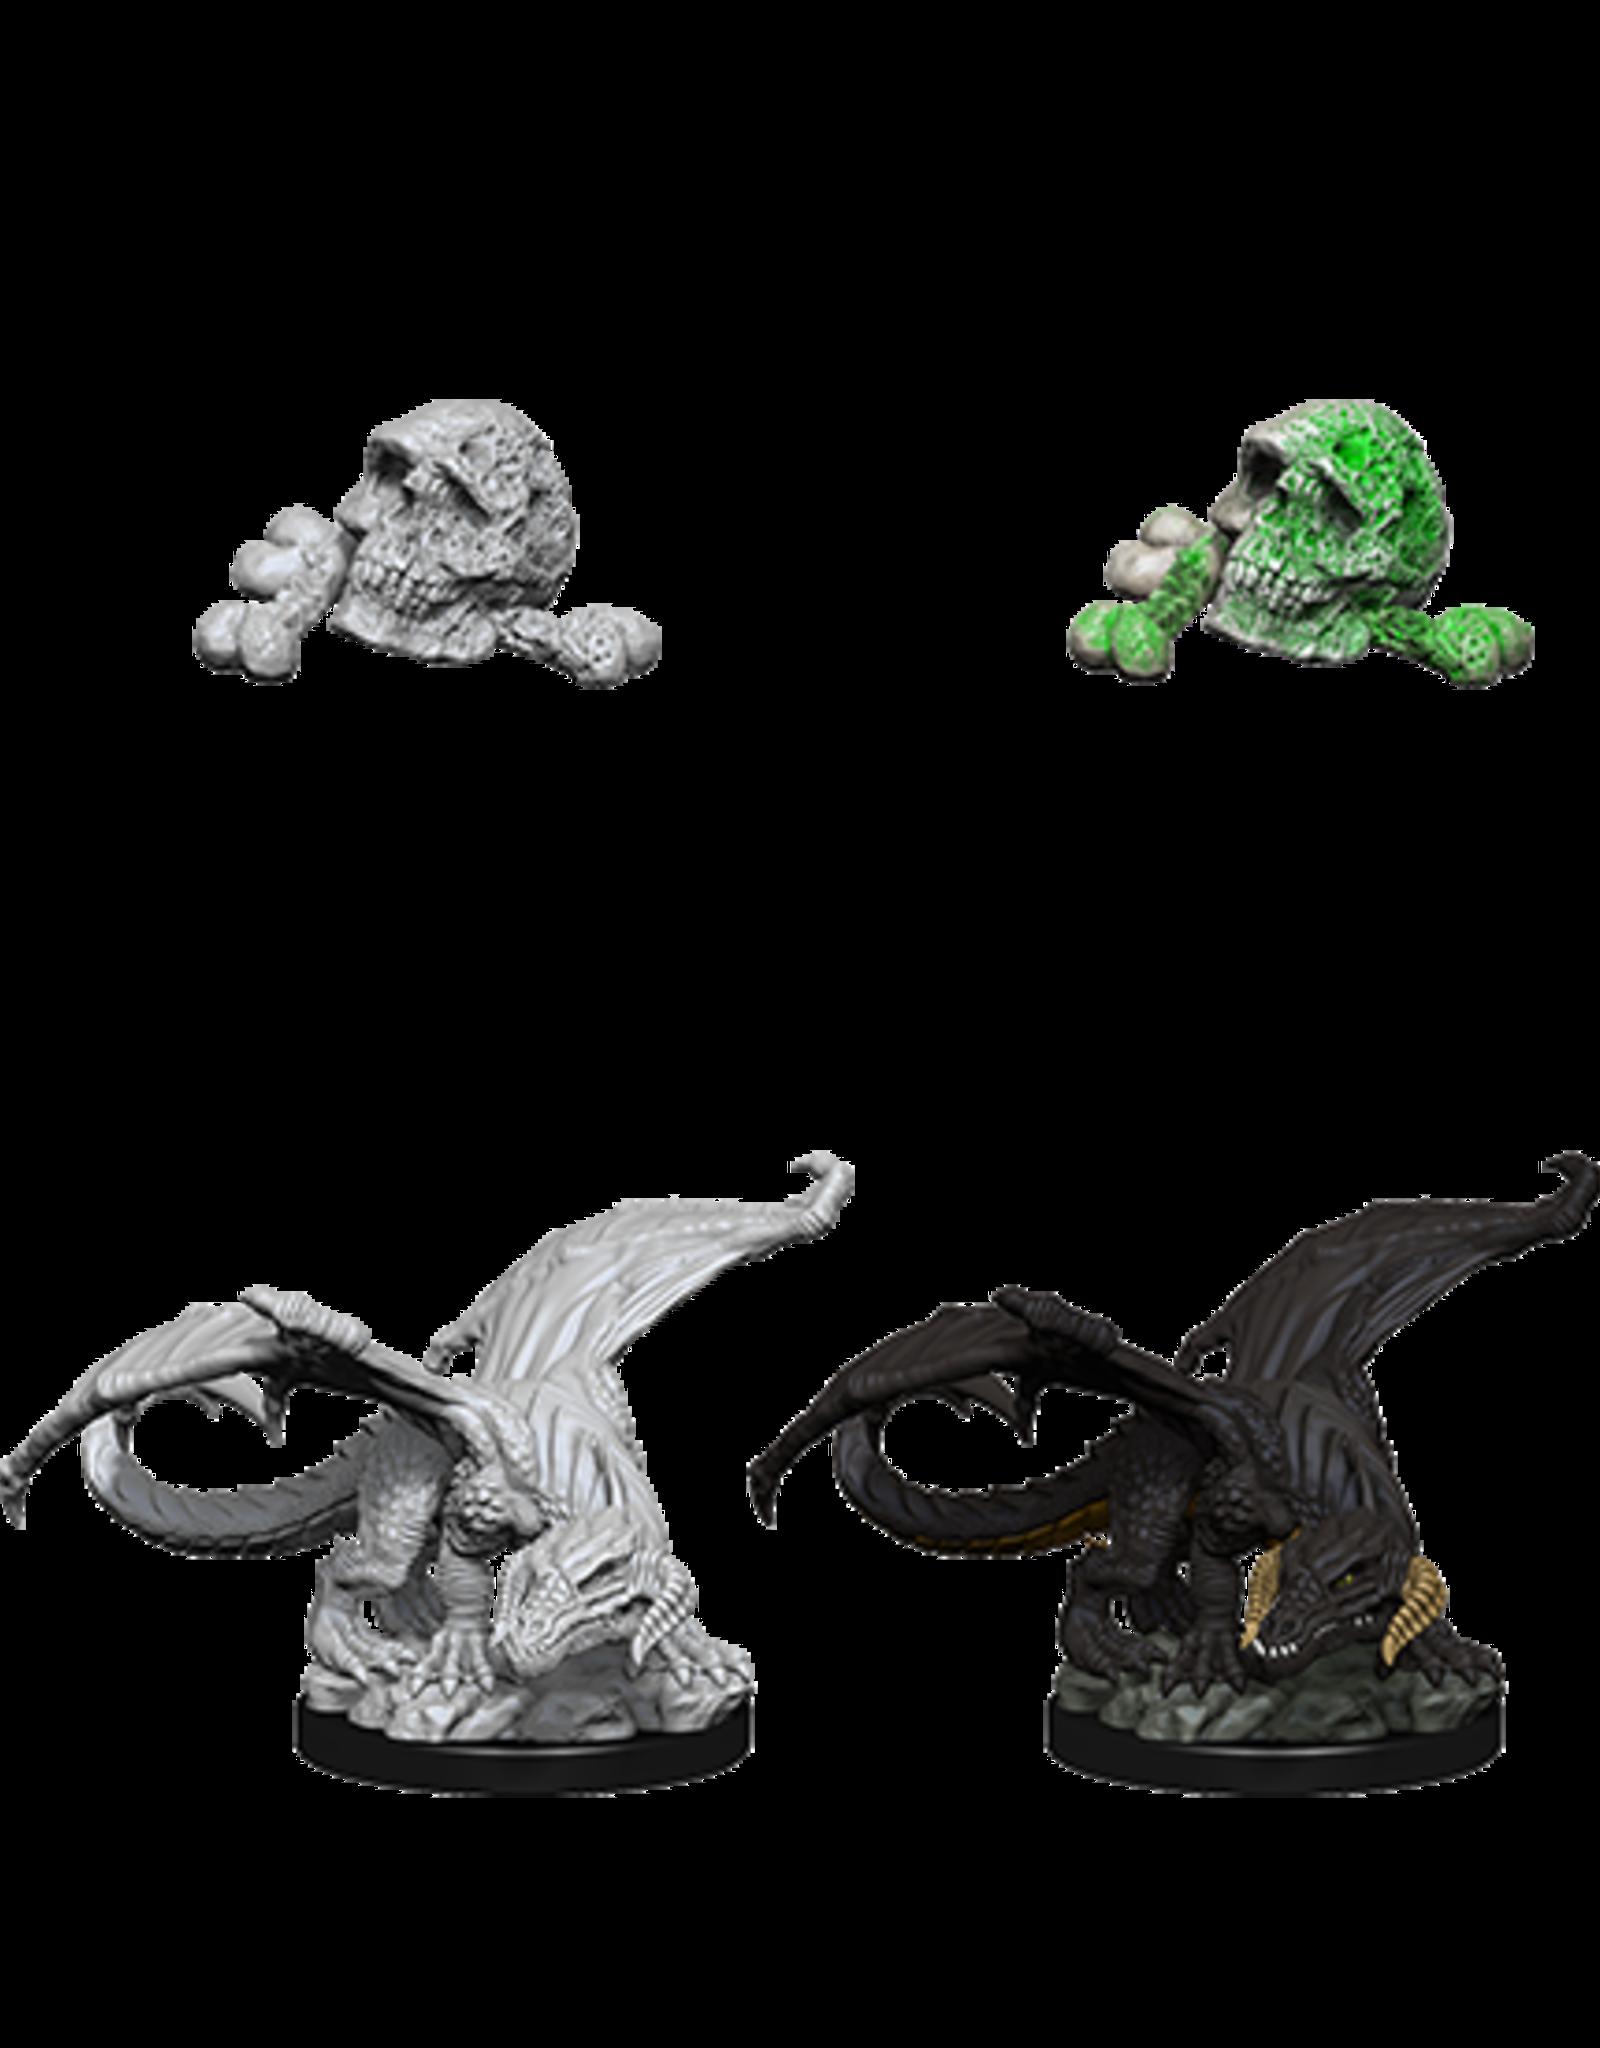 Wizkids D&D Nolzur's Marvelous Miniatures Black Dragon Wyrmling